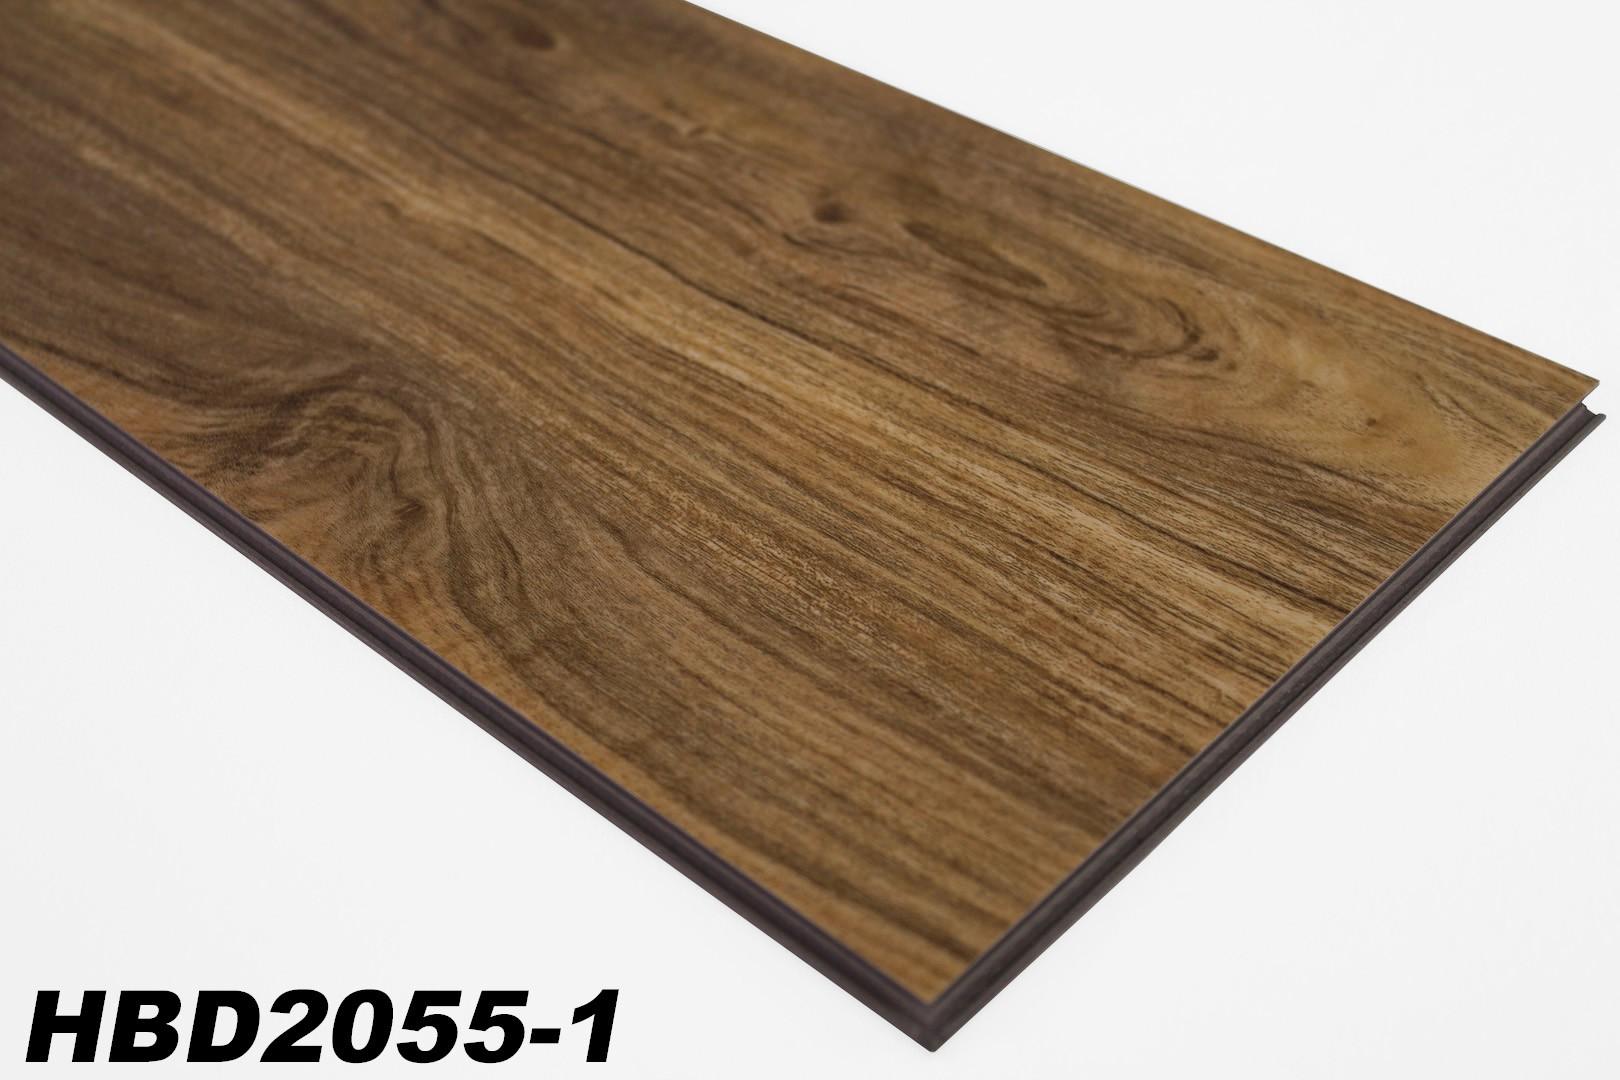 69 96 m vinylboden in 4 2mm uniclic pvc dielen nutzschicht 0 3mm hbd2055 1. Black Bedroom Furniture Sets. Home Design Ideas